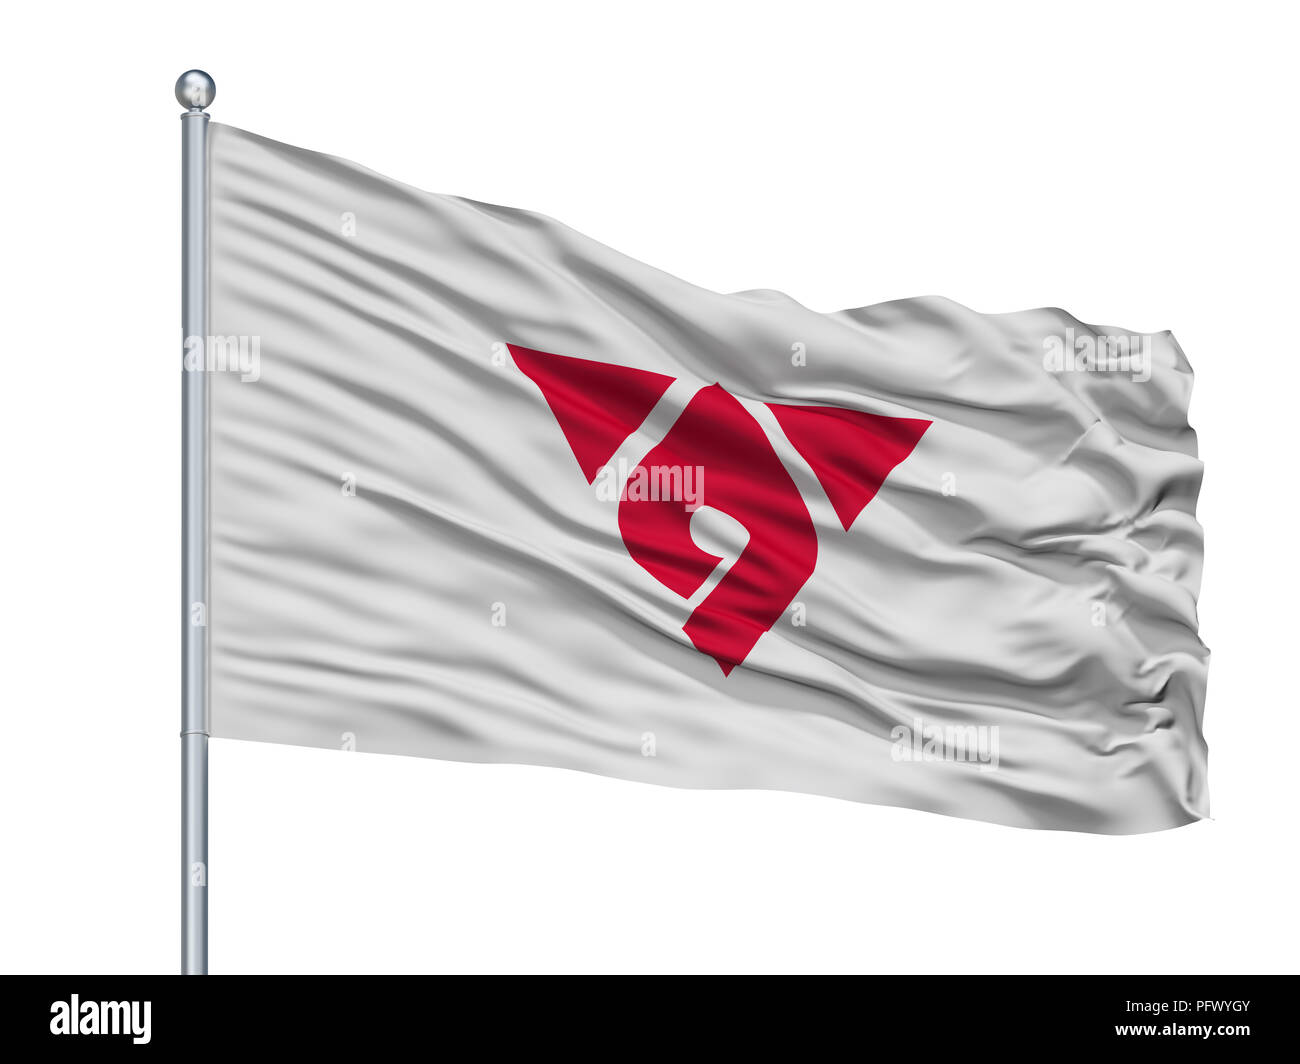 Hadano City Flag On Flagpole, Japan, Kanagawa Prefecture, Isolated On White Background - Stock Image